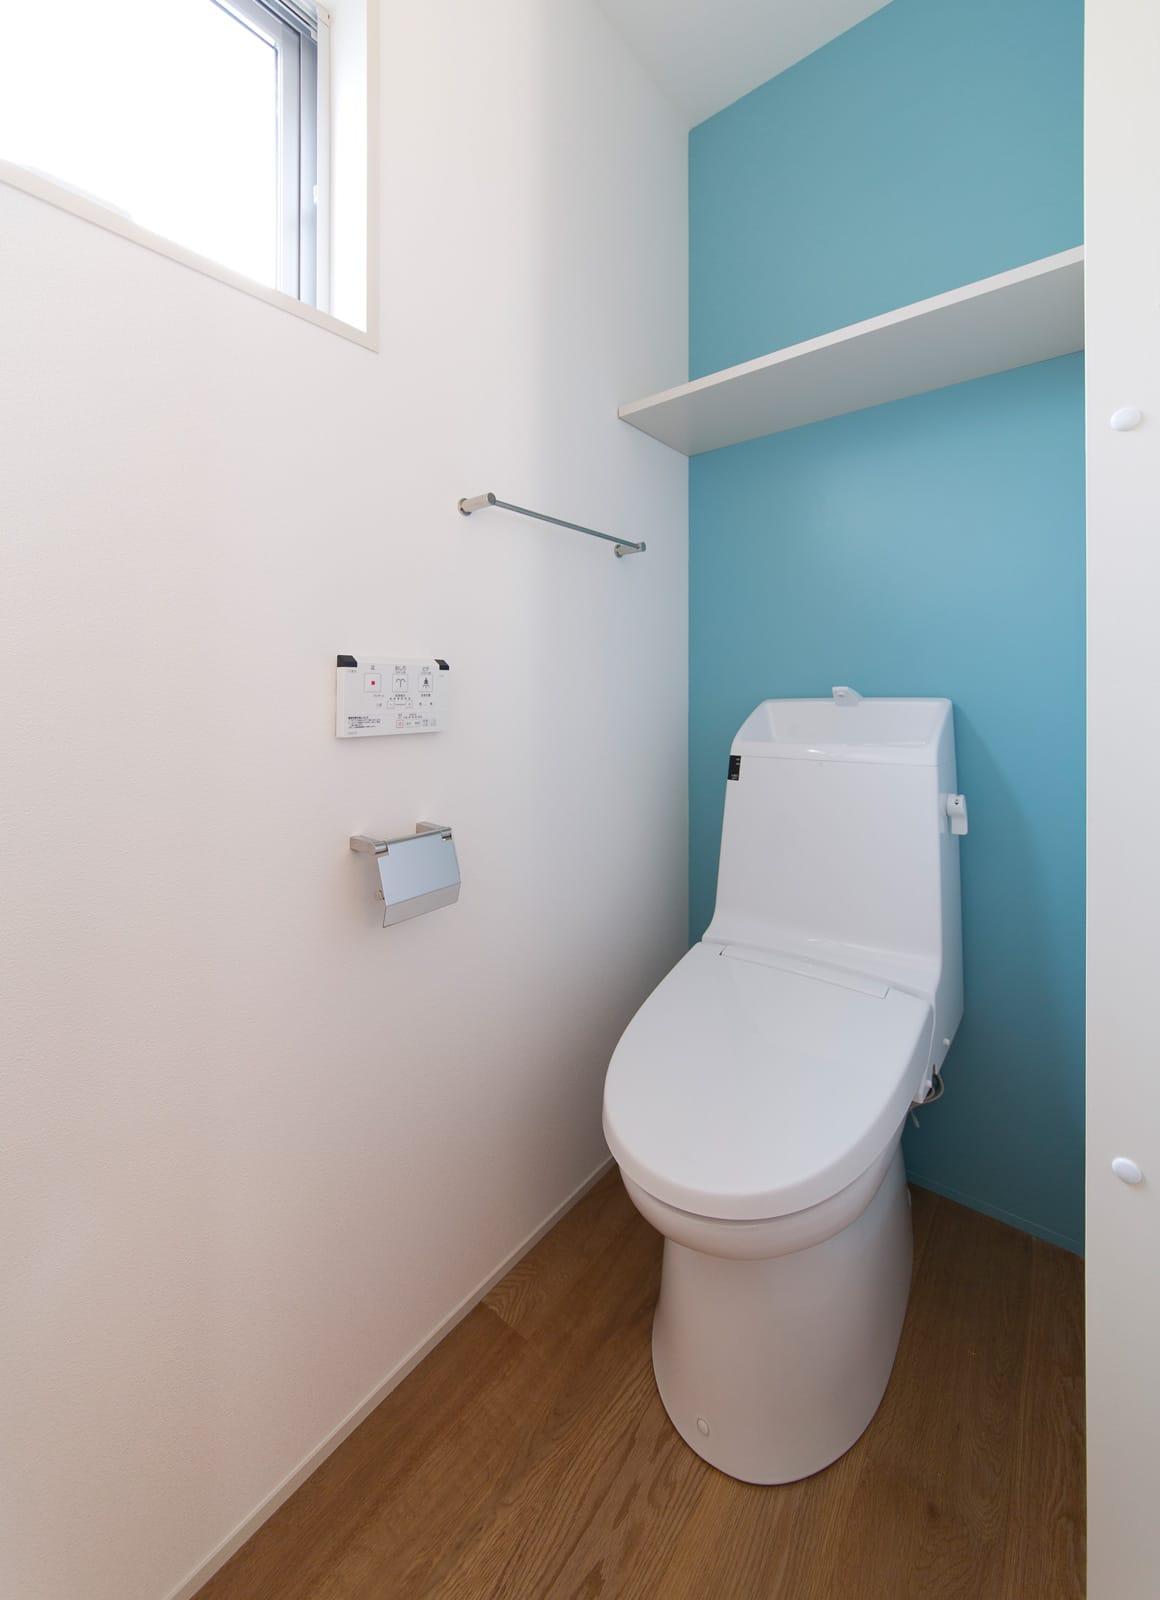 ハイジハウスのトイレ1